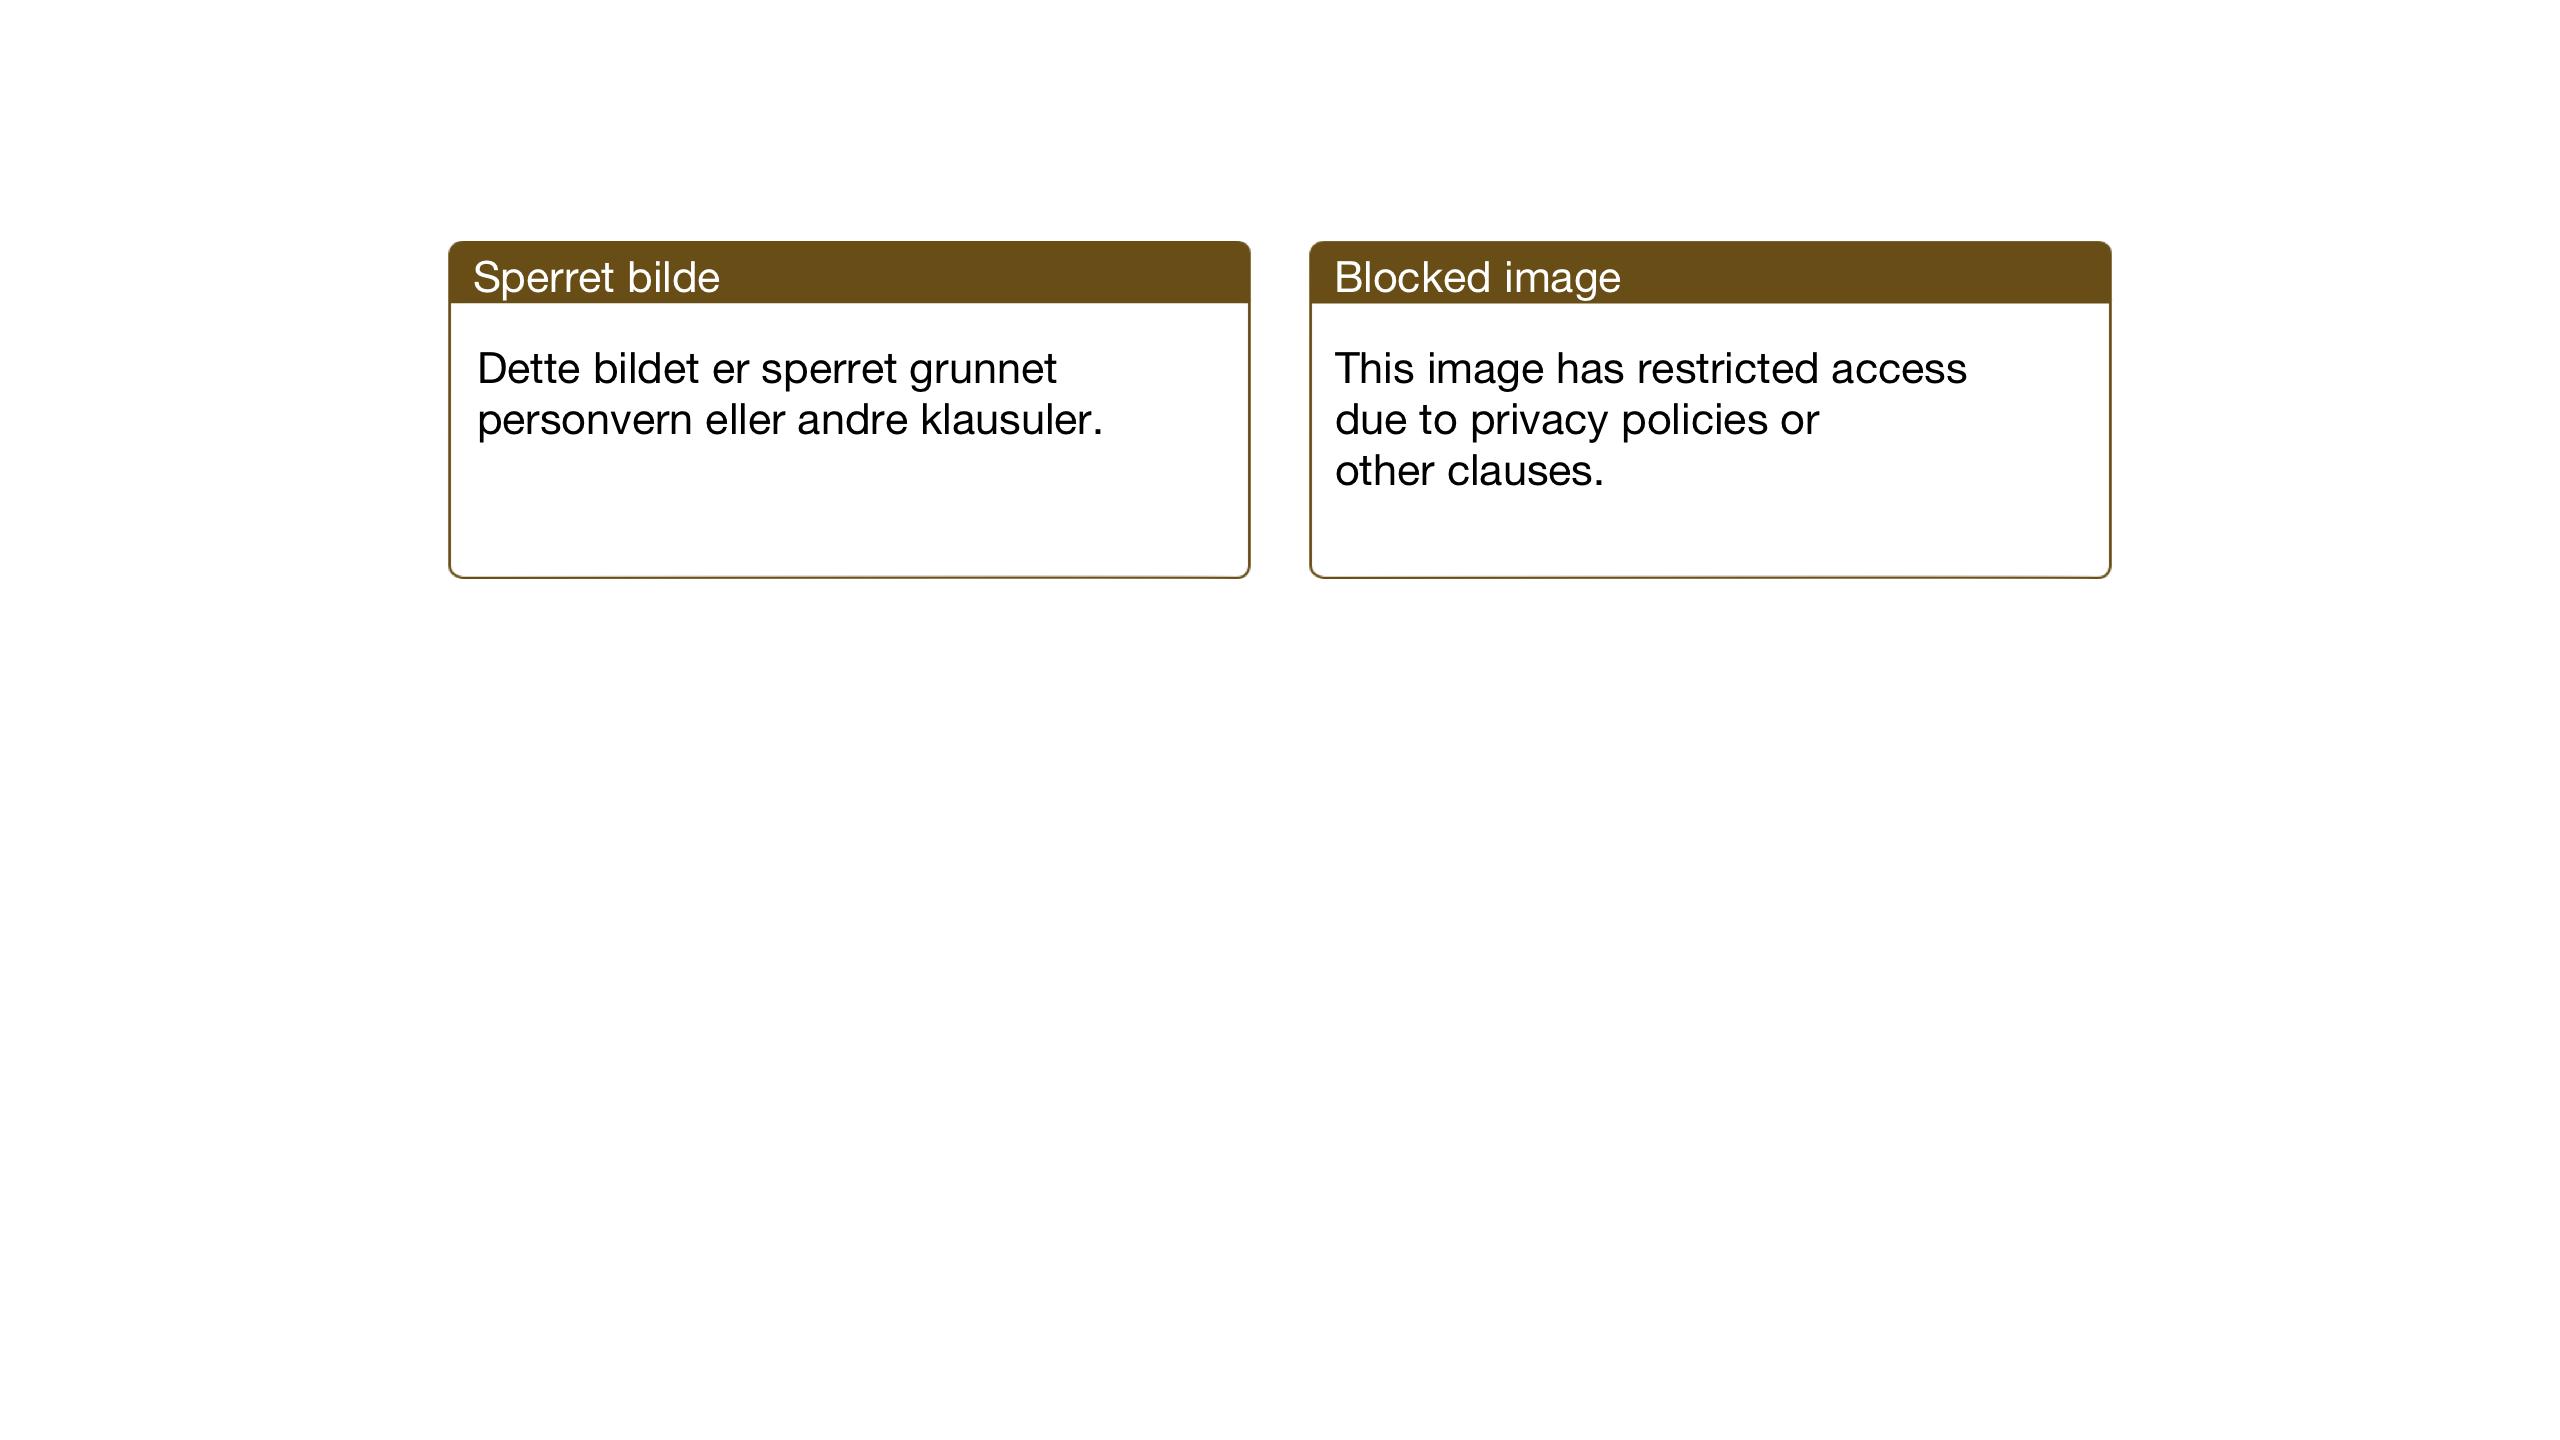 SAT, Ministerialprotokoller, klokkerbøker og fødselsregistre - Nord-Trøndelag, 710/L0097: Klokkerbok nr. 710C02, 1925-1955, s. 90